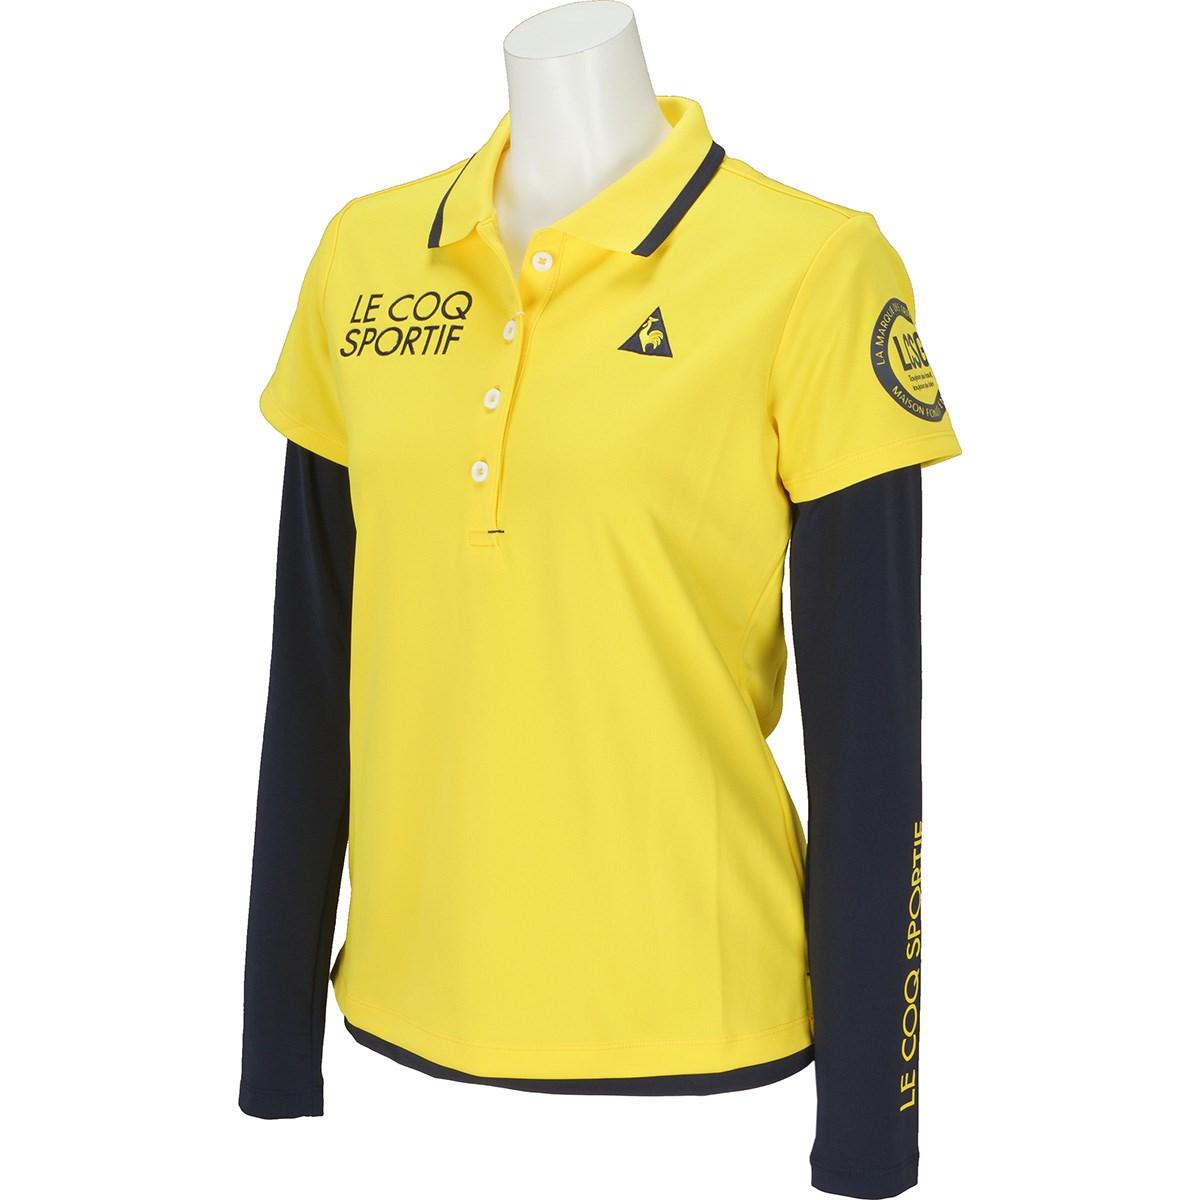 ルコックゴルフ Le coq sportif GOLF ストレッチ 長袖インナーシャツレイヤードセット 半袖ポロシャツ S イエロー 00 レディス